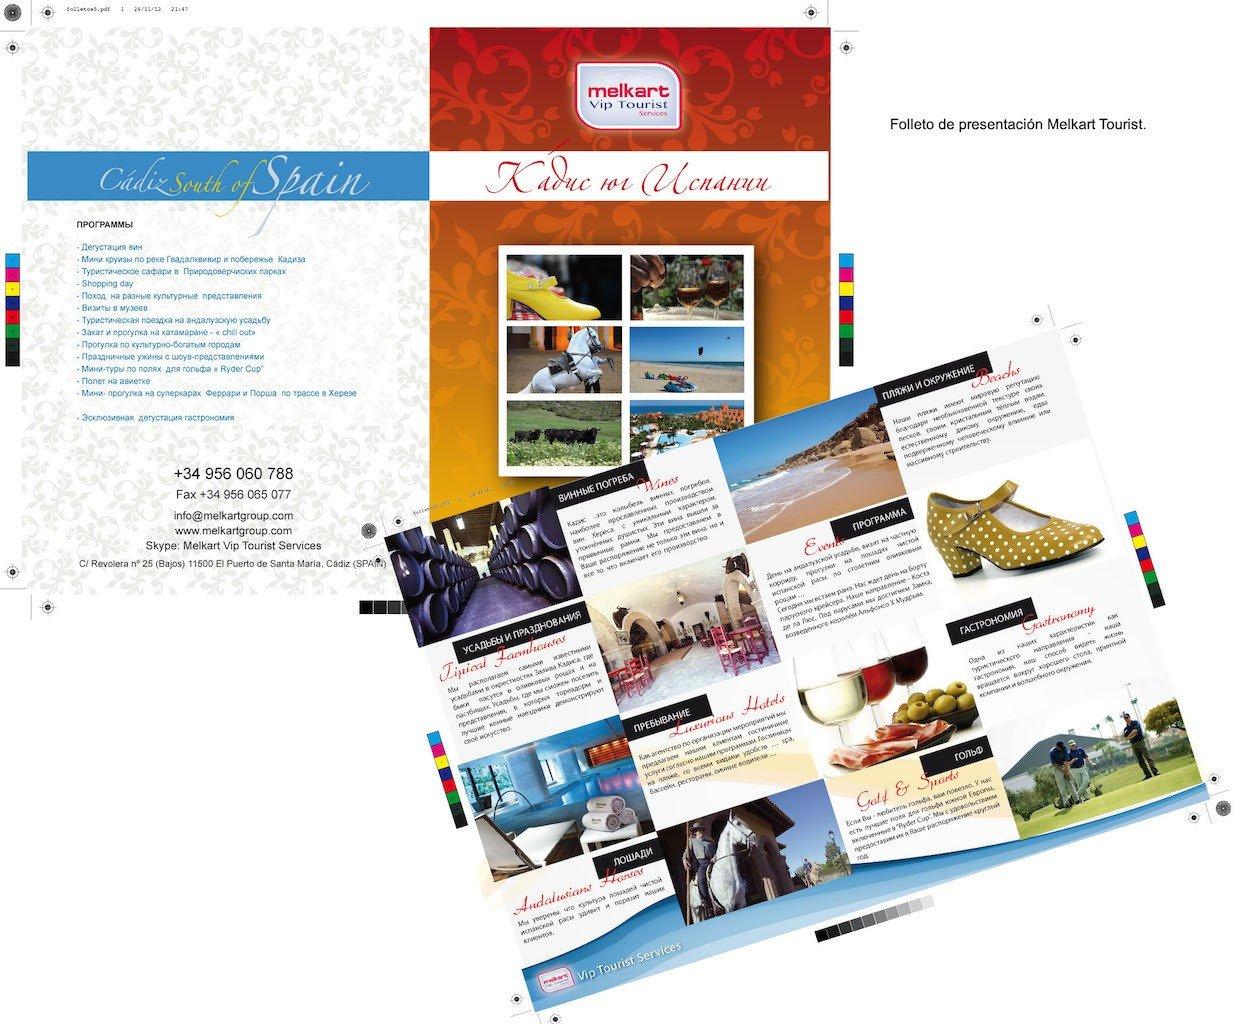 Diseño gráfico de folletos de empresas comerciales en Cádiz